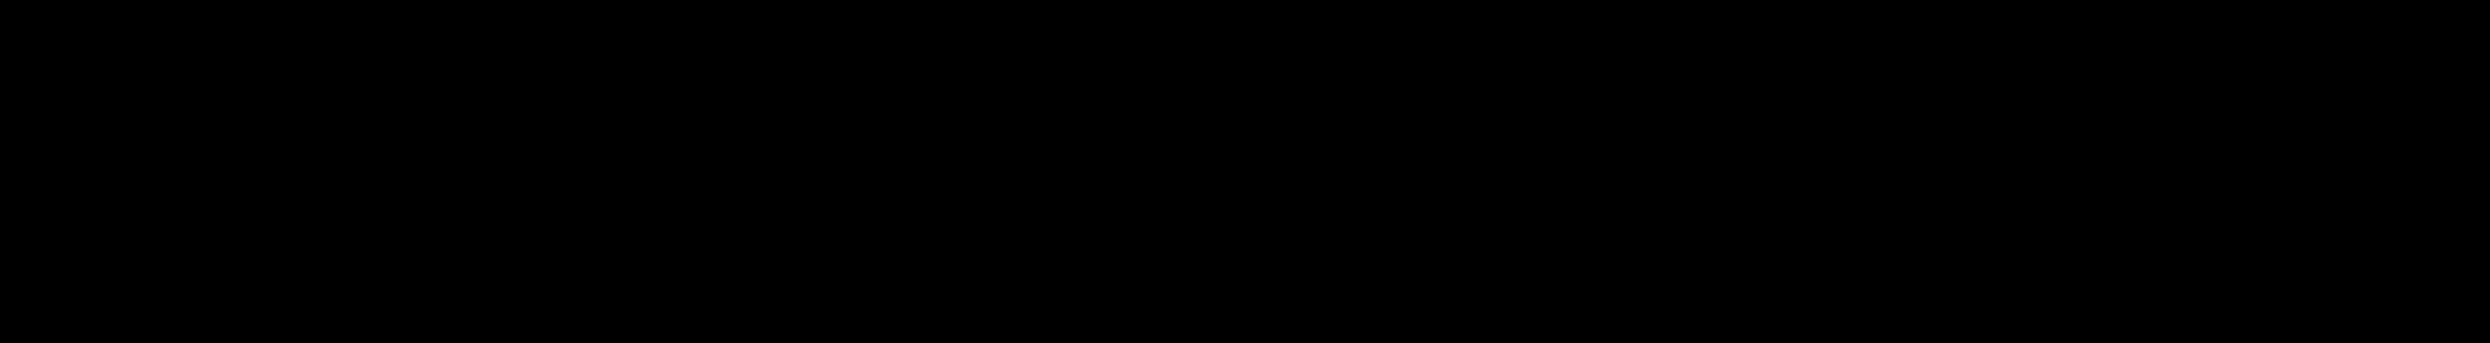 4分音符の「ドレミファソファミレドドドうん」の楽譜